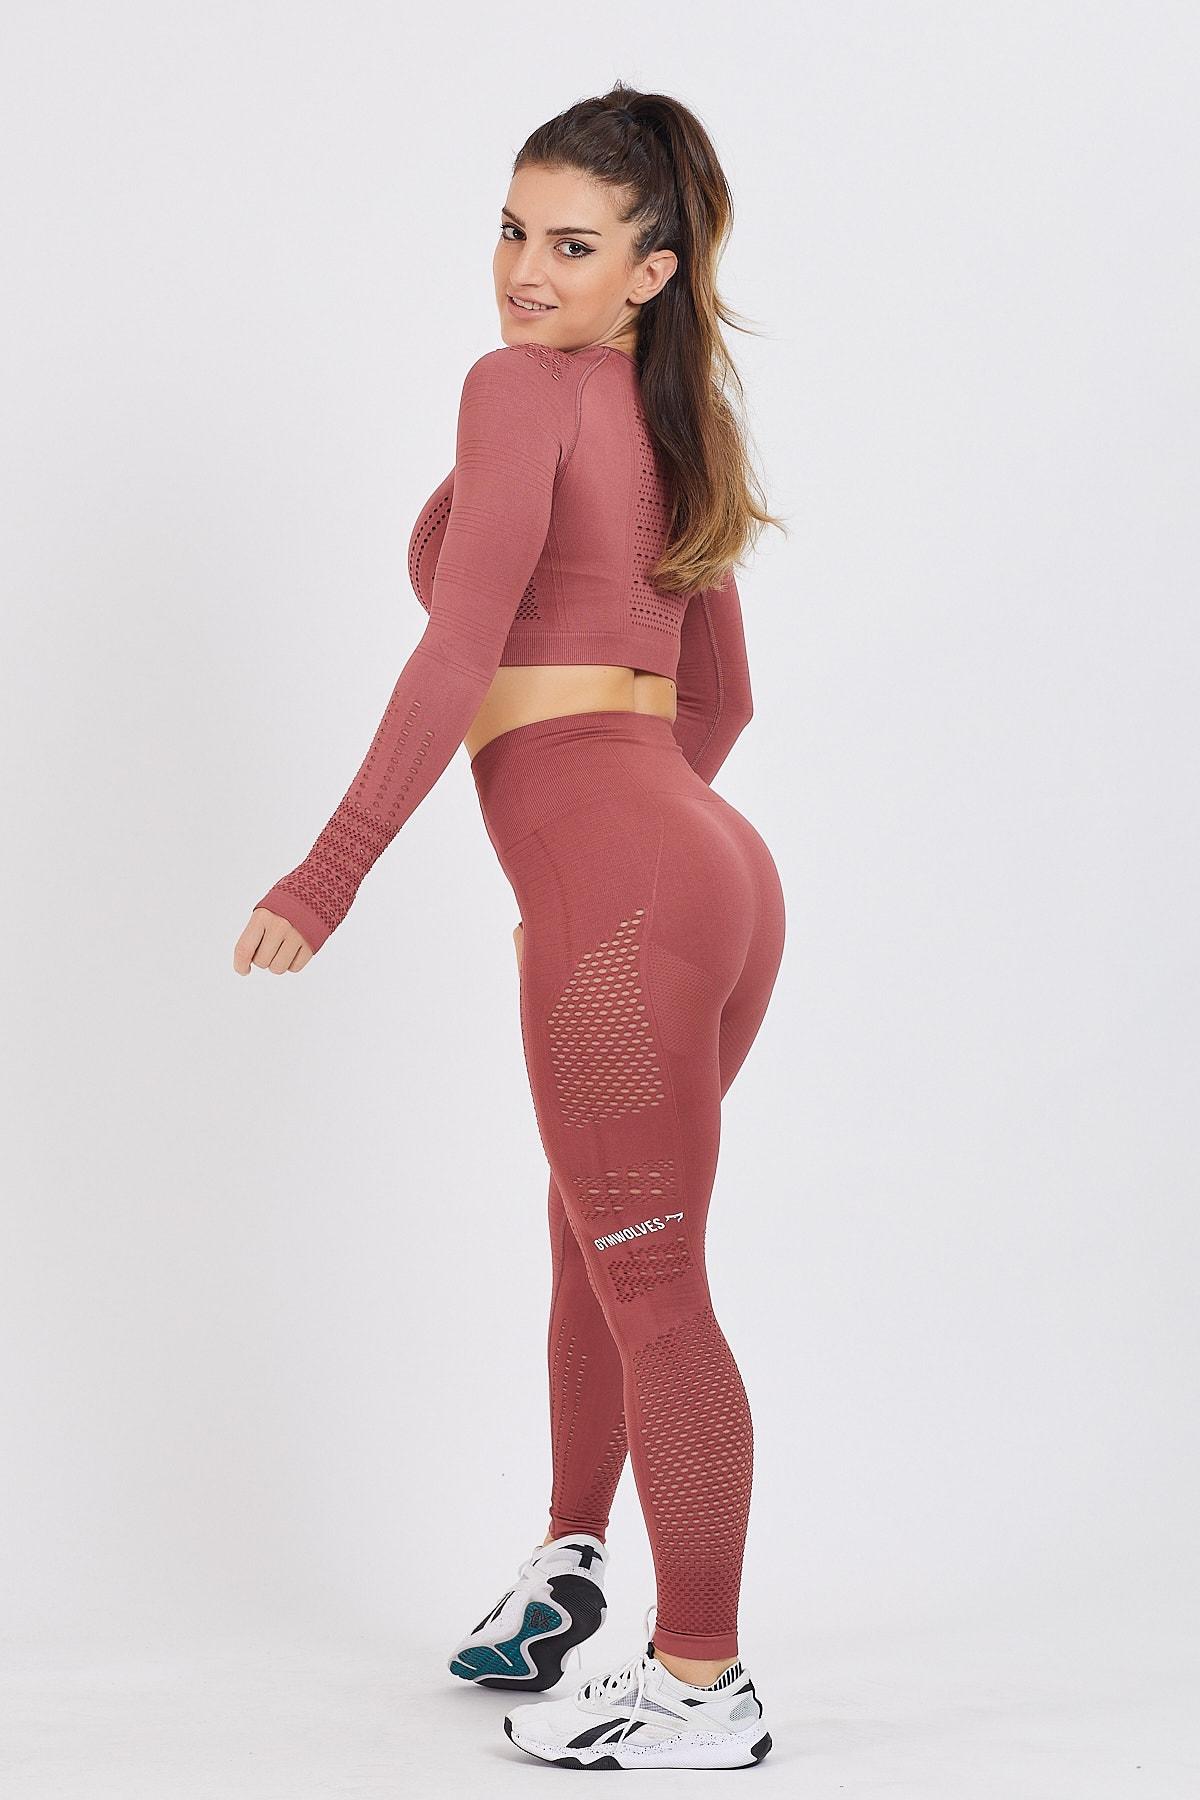 Gymwolves Kadın Uzun Kollu Dikişsiz Spor Tişört | Bordo | Crop Tops | Aktive Power Serisi 3